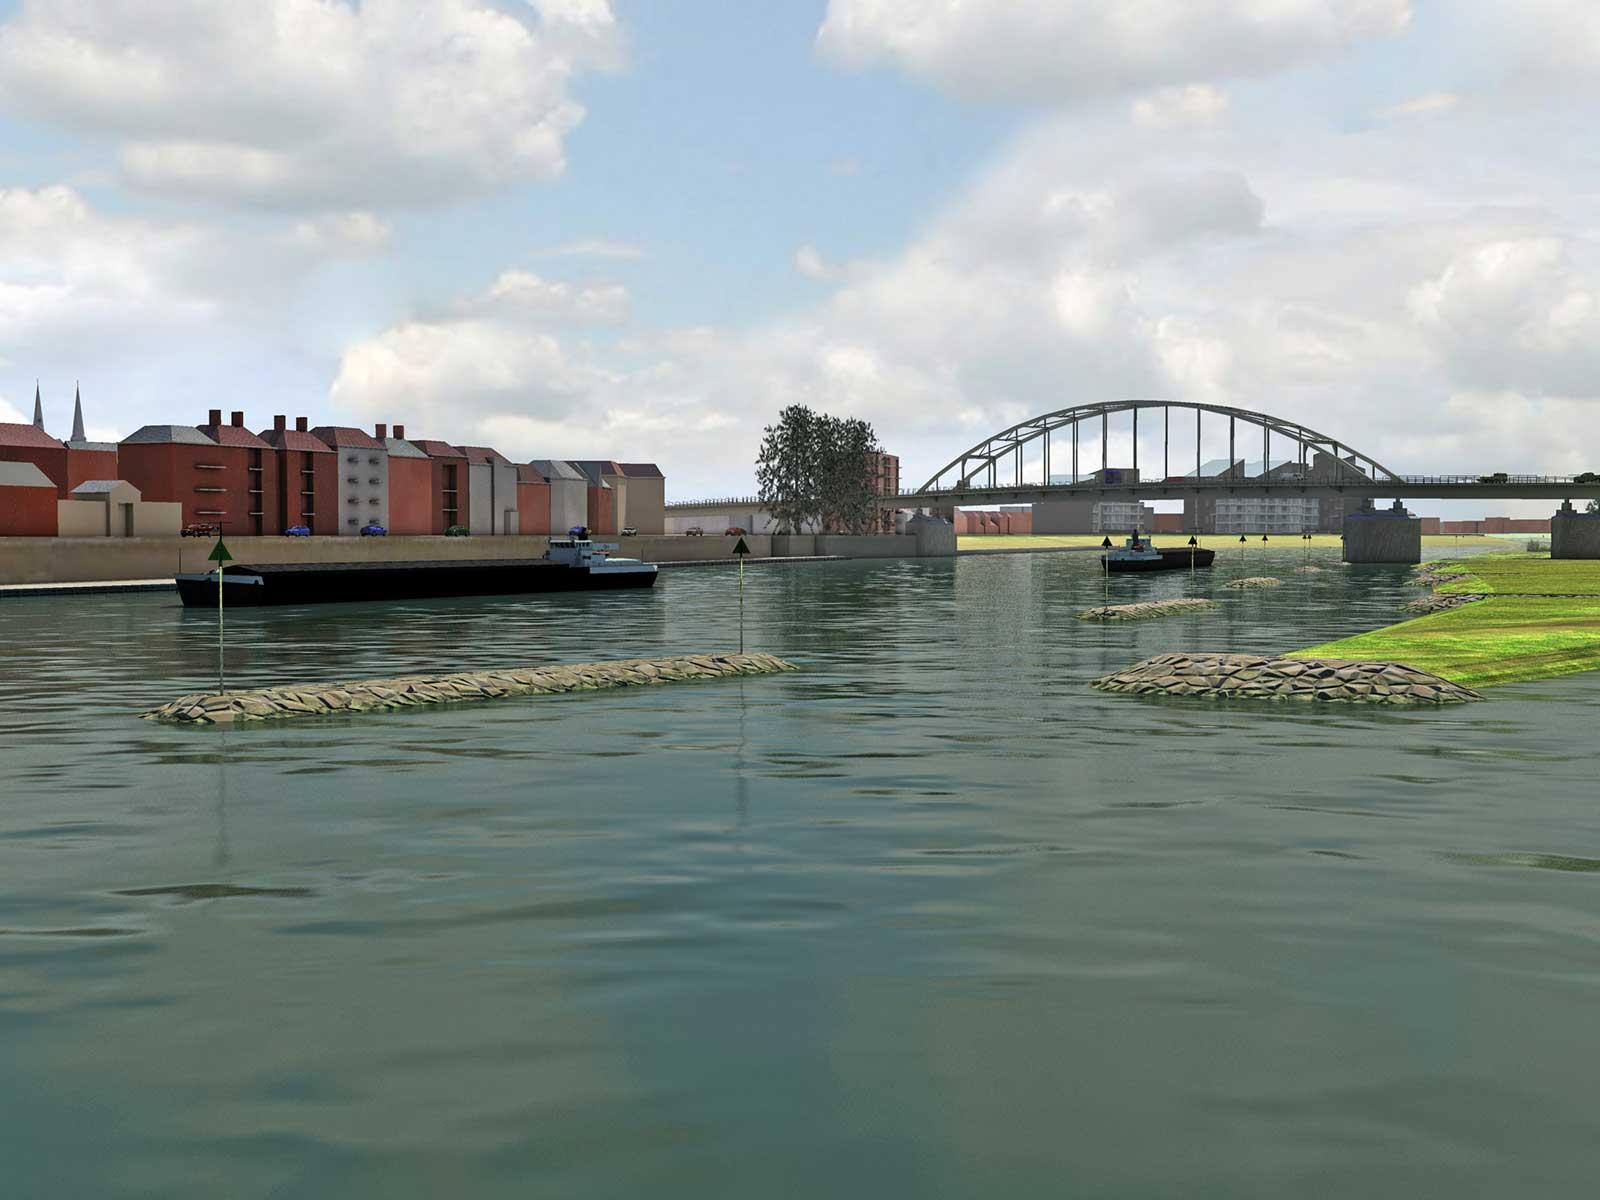 Artist impression van de toekomstige eilandkribben in de IJssel bij Deventer, onderdeel van het Ruimte voor de Rivier-project, gezien vanaf de nieuwe veersteiger